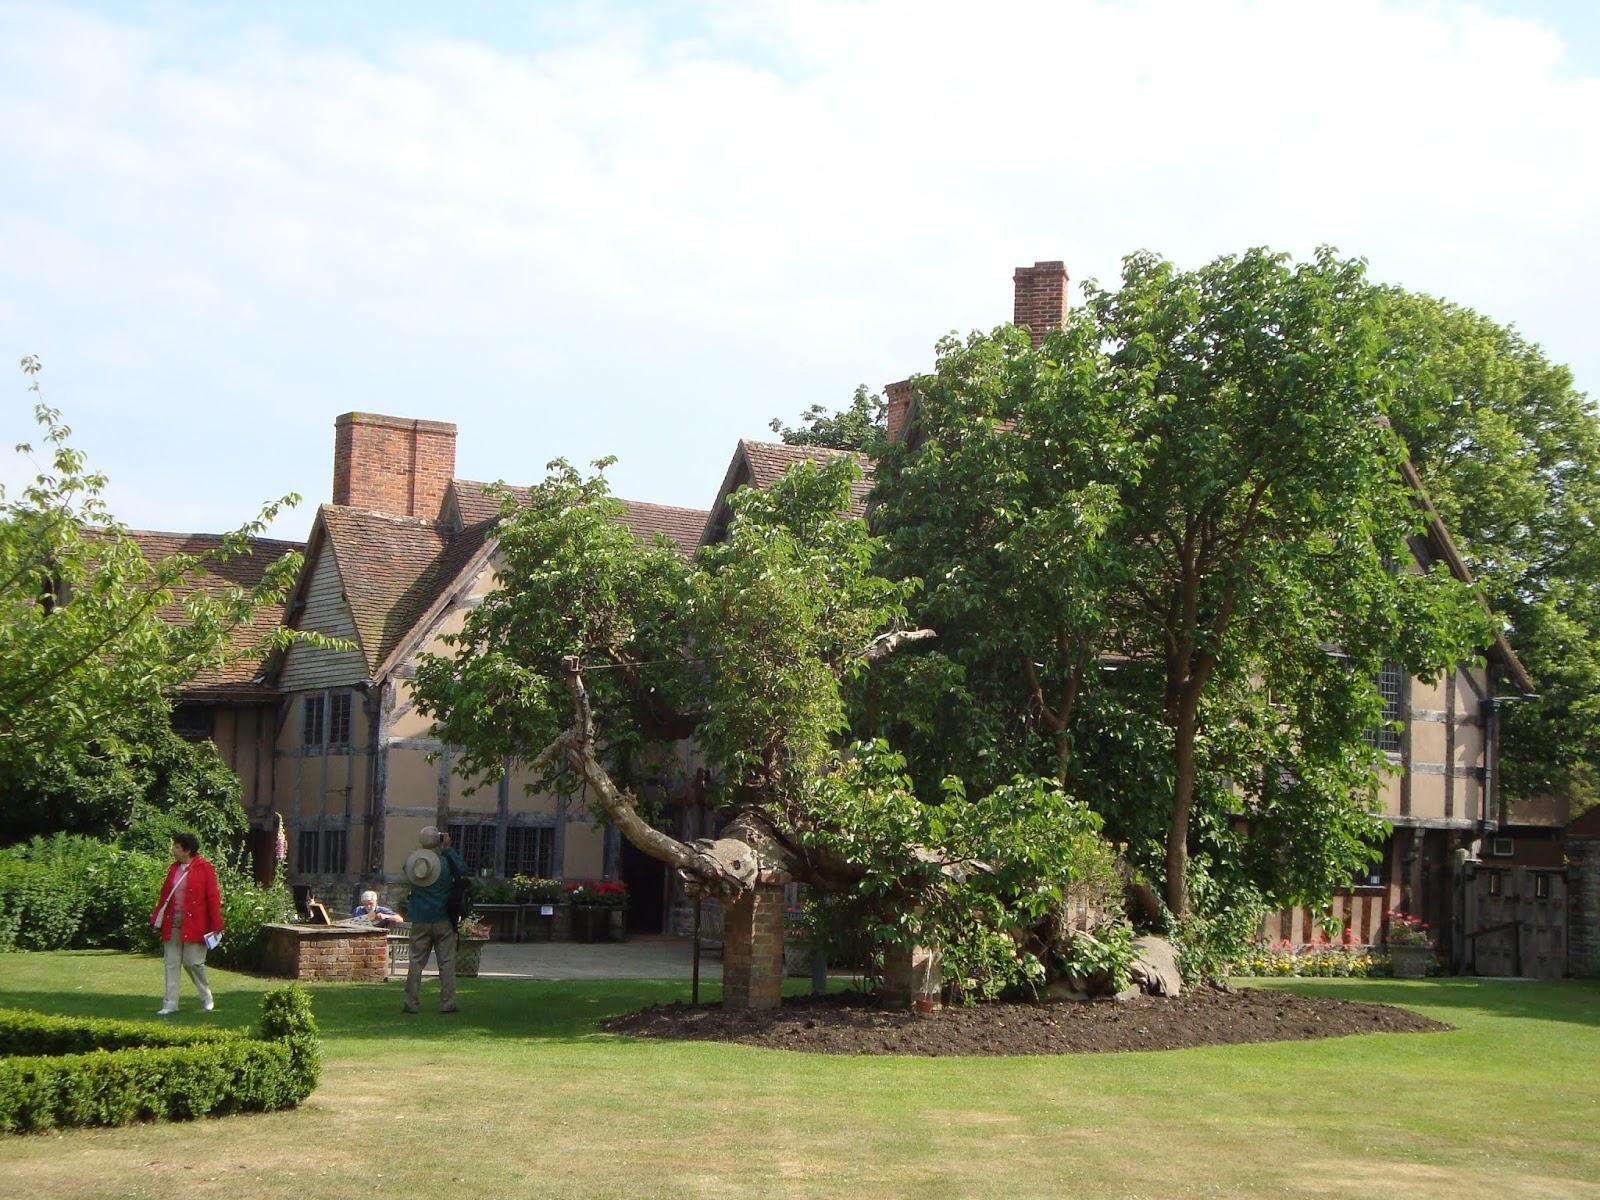 Hall's Croft Graden